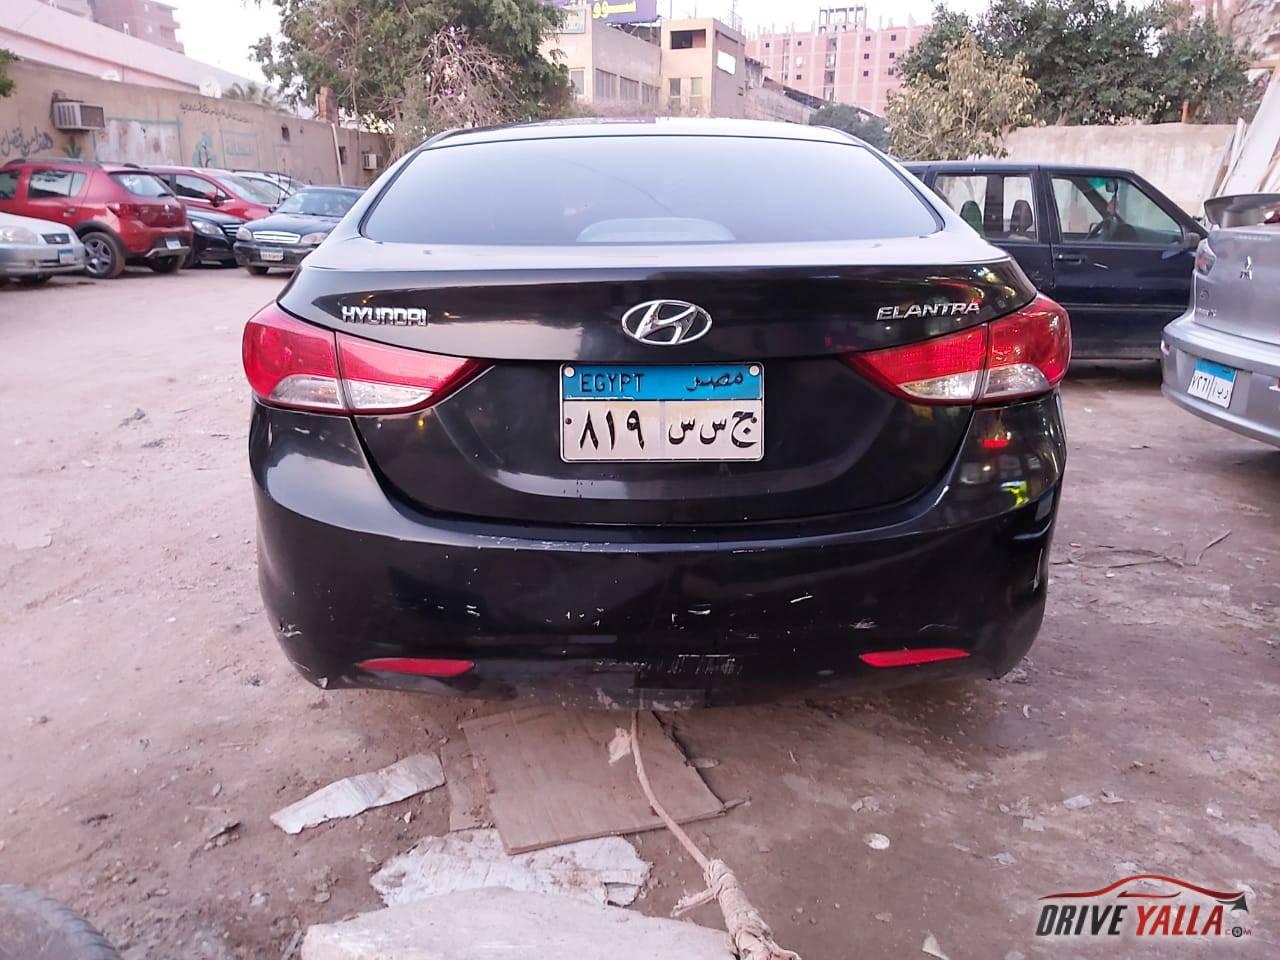 هيونداي الينتر مستعملة للبيع فى مصر بالتقسيط  2013